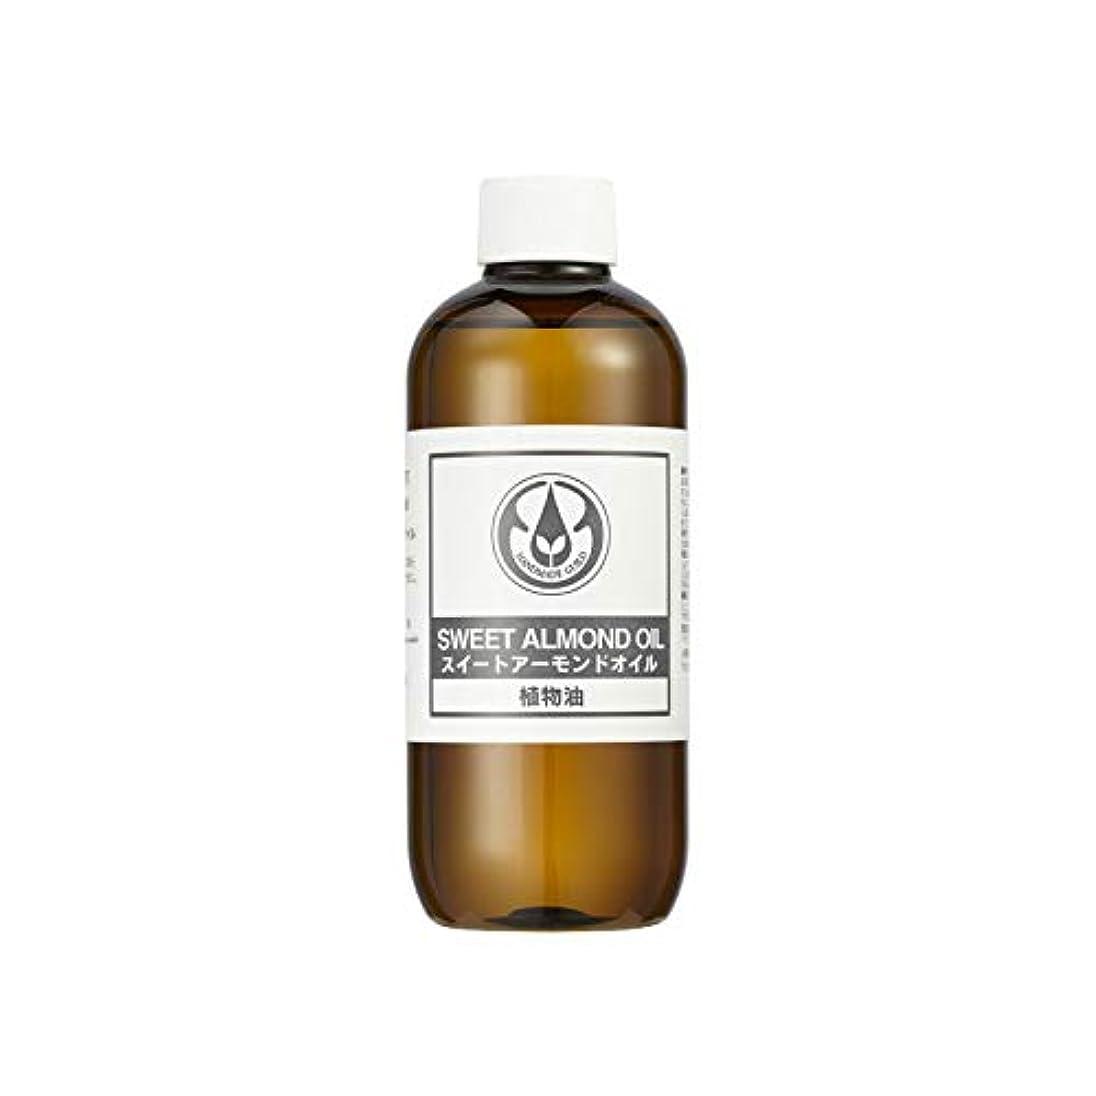 ジャーナル比率重さ生活の木 スイート アーモンド油 250ml 2本